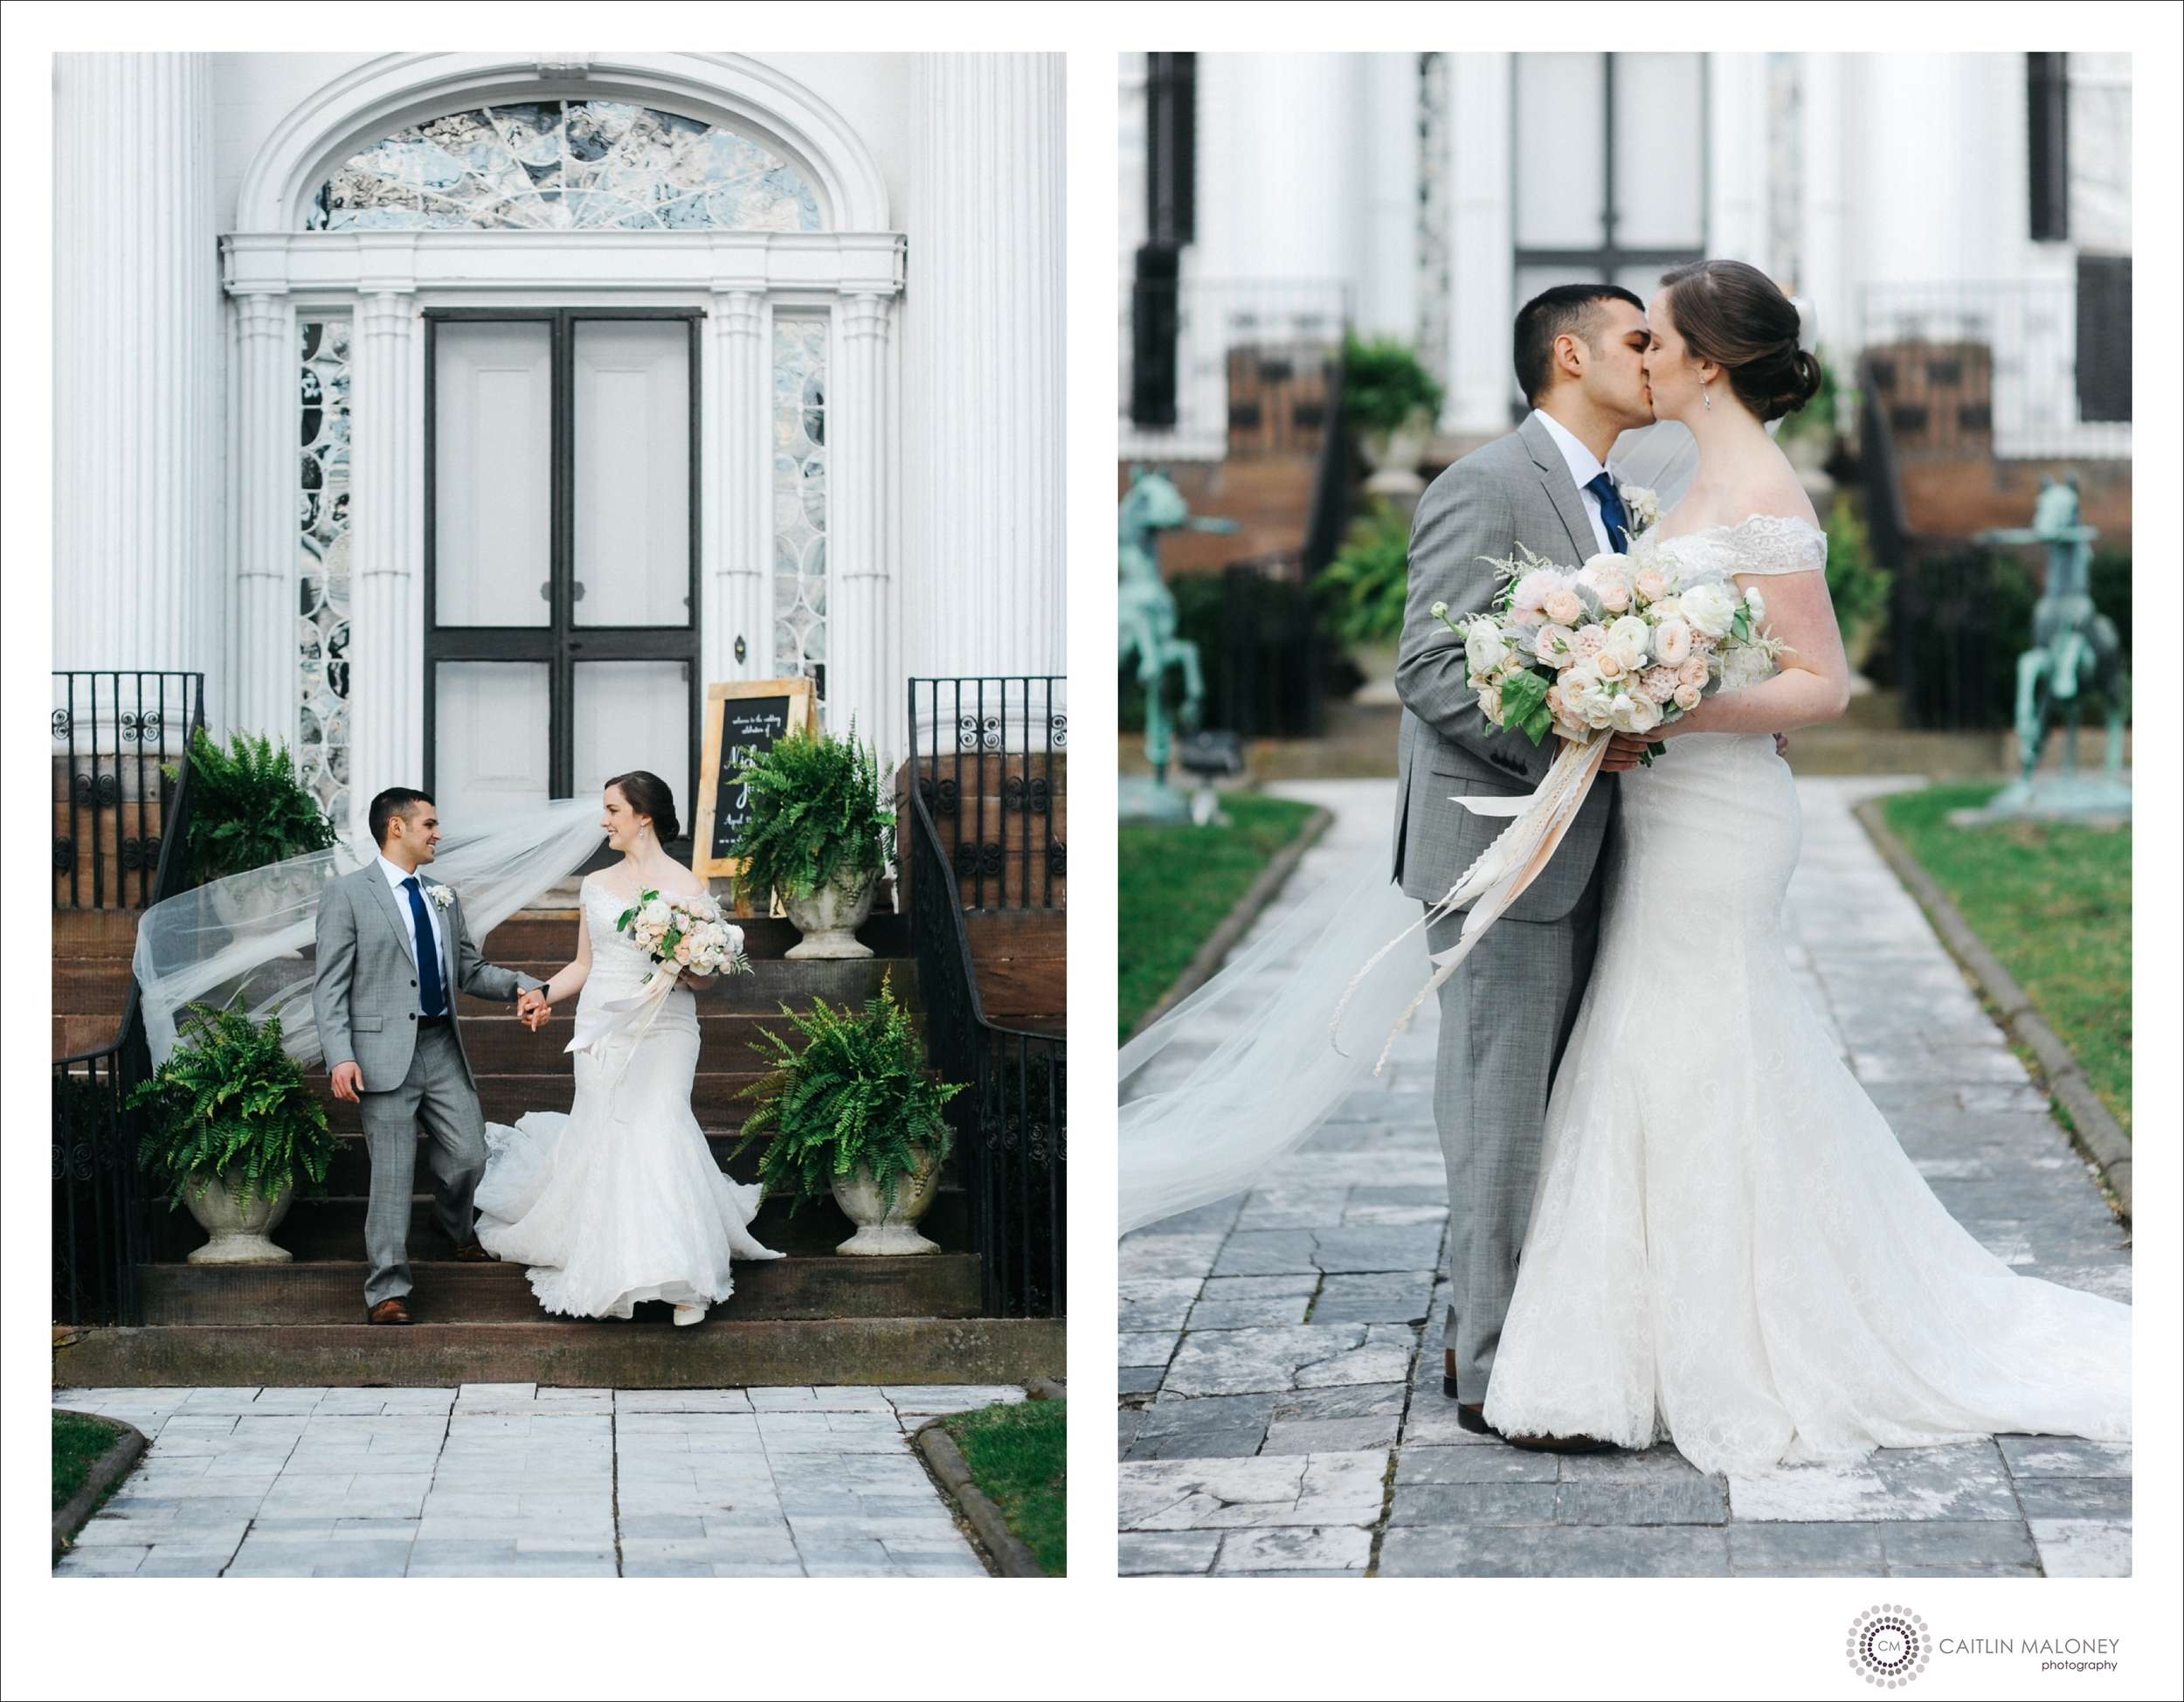 Linden_Place_Wedding_Photos_050.jpg